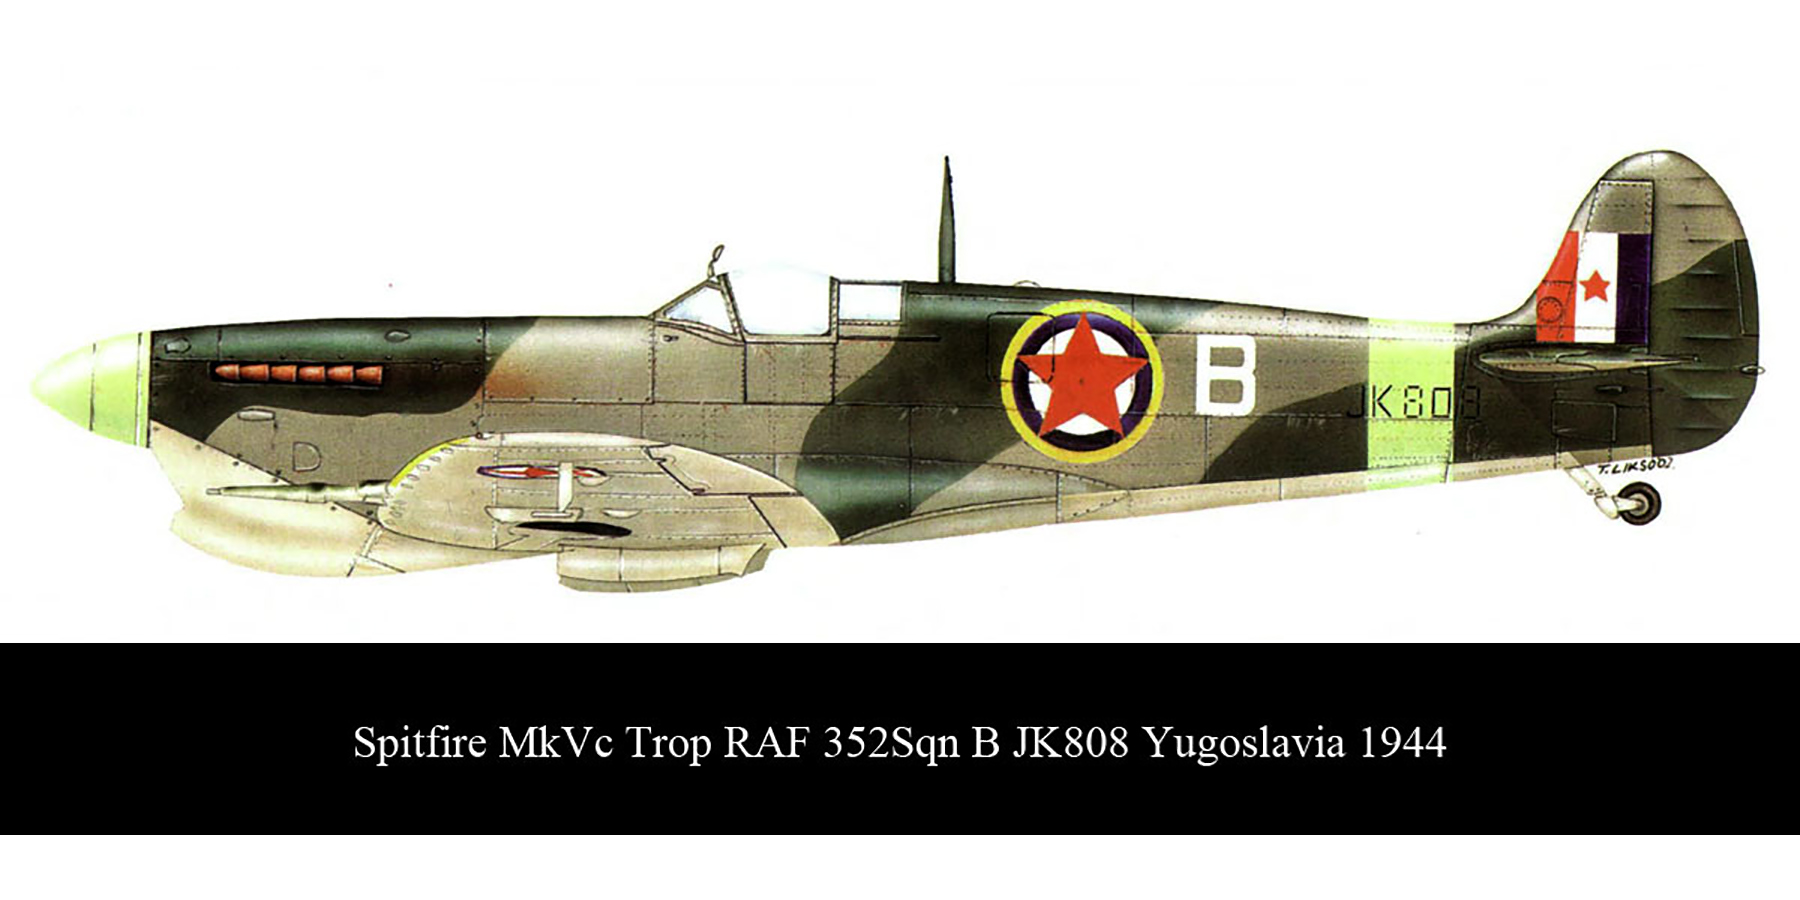 Spitfire MkVcTrop RAF 352Sqn B JK808 Yugoslavia 1944 0A